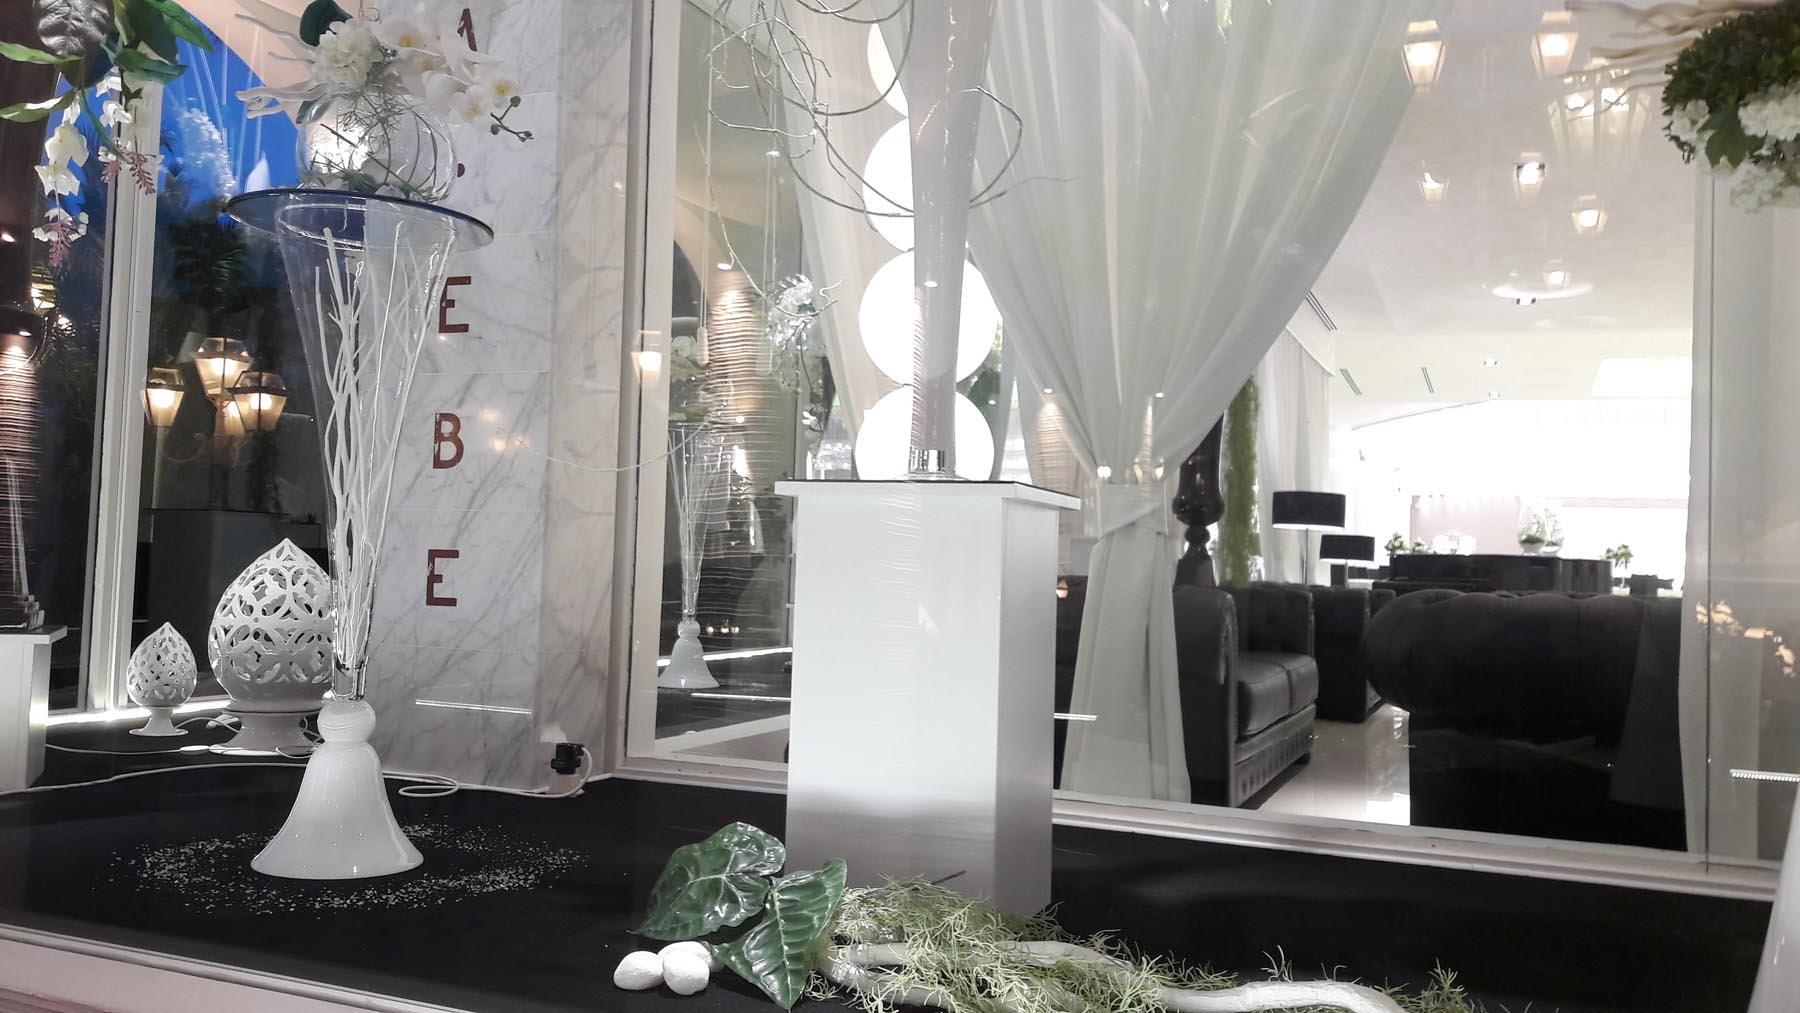 Dea Ebe Black e White in stile chanel (30)